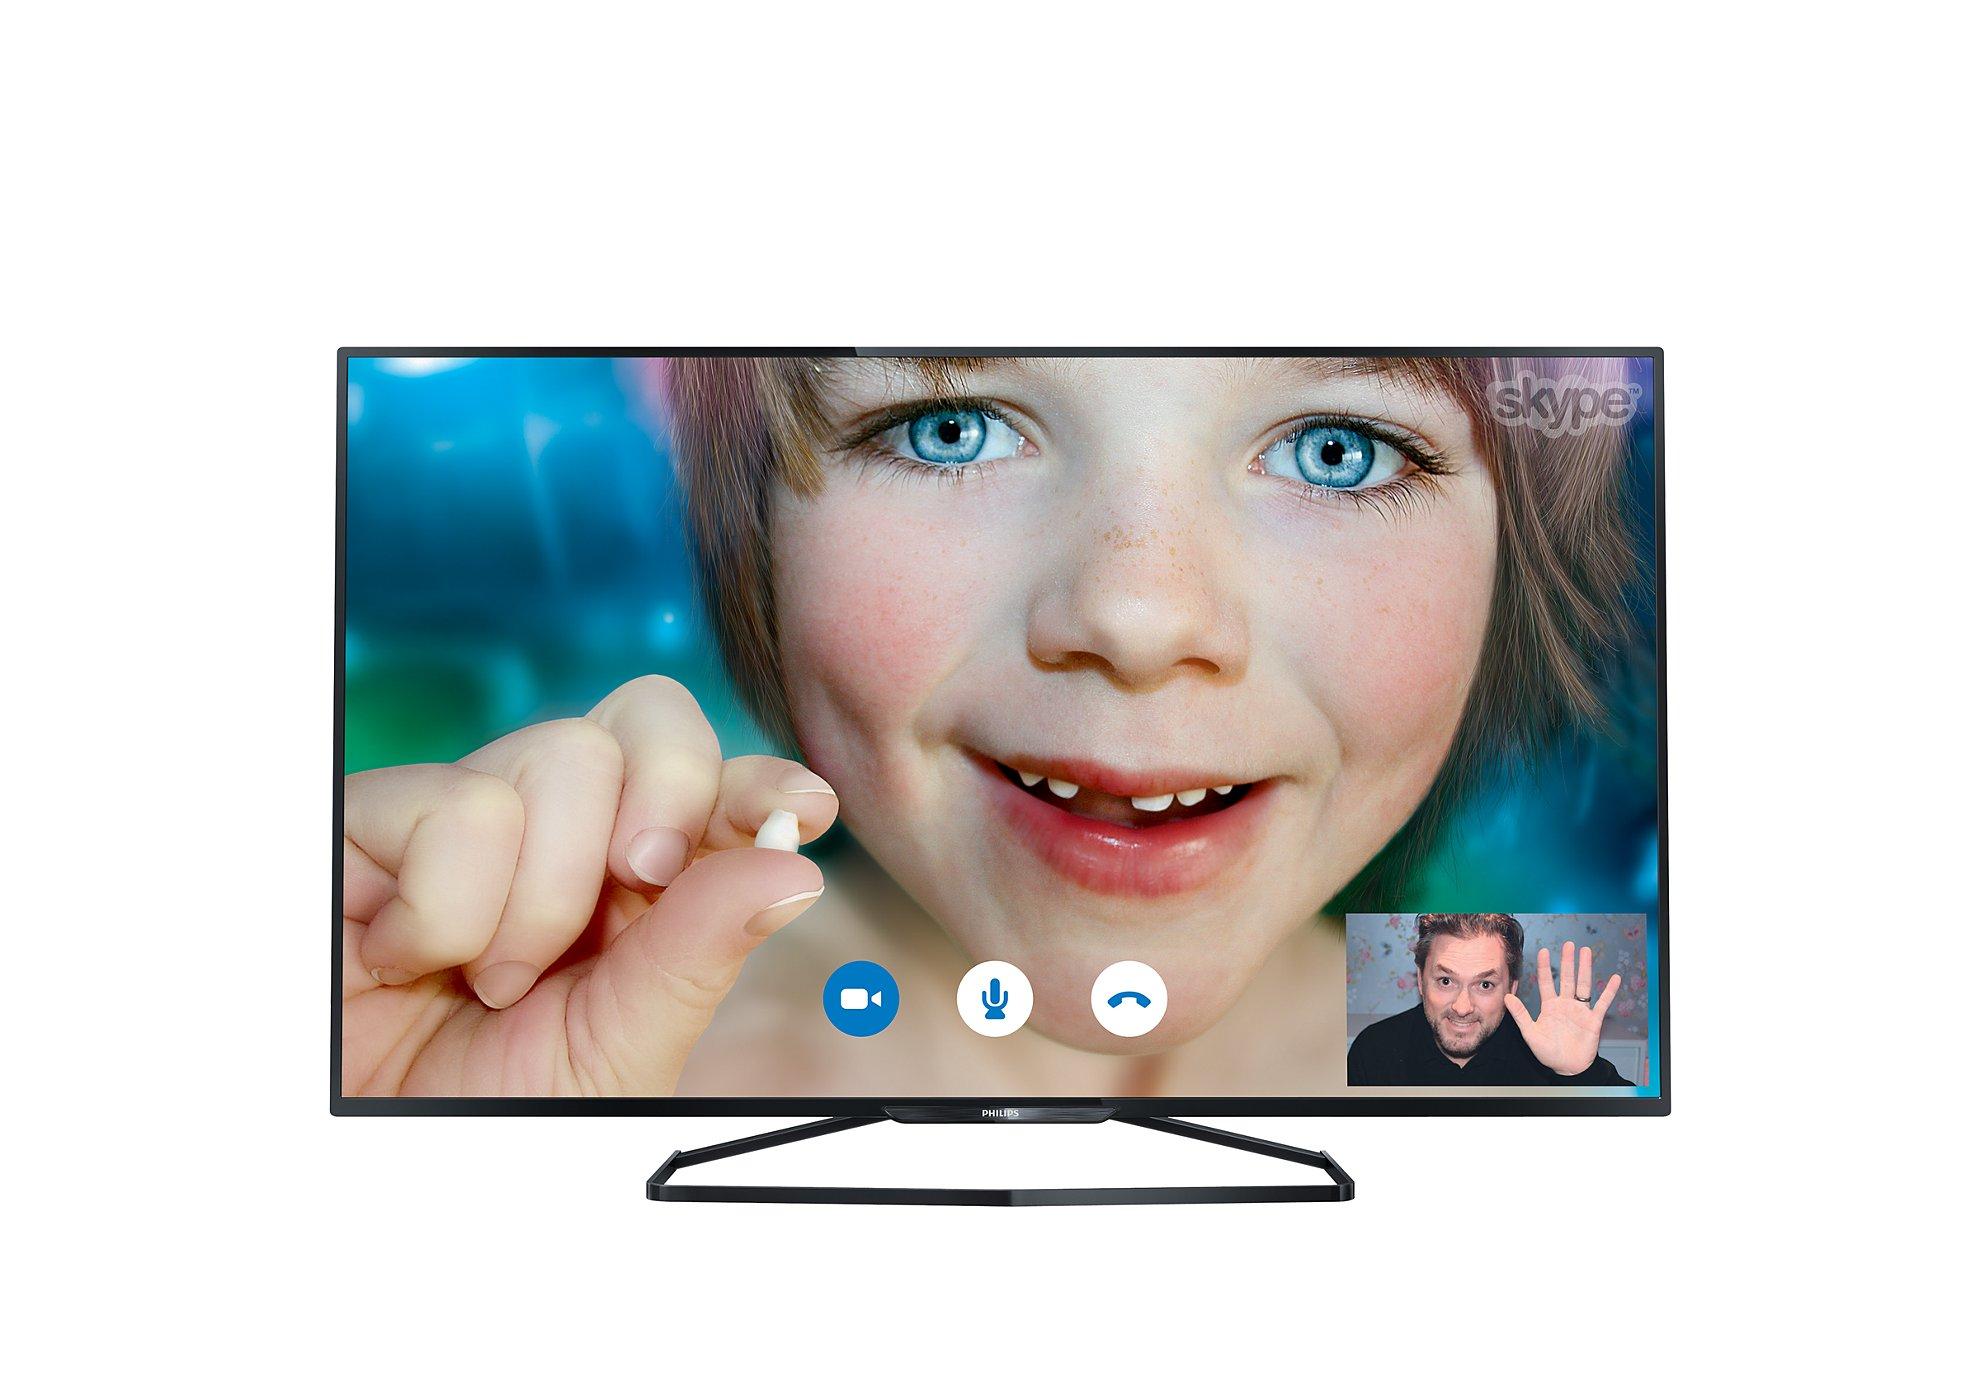 [Black Friday] Philips 42PFK6109 3D Smart-TV voor €399 @ Media Markt